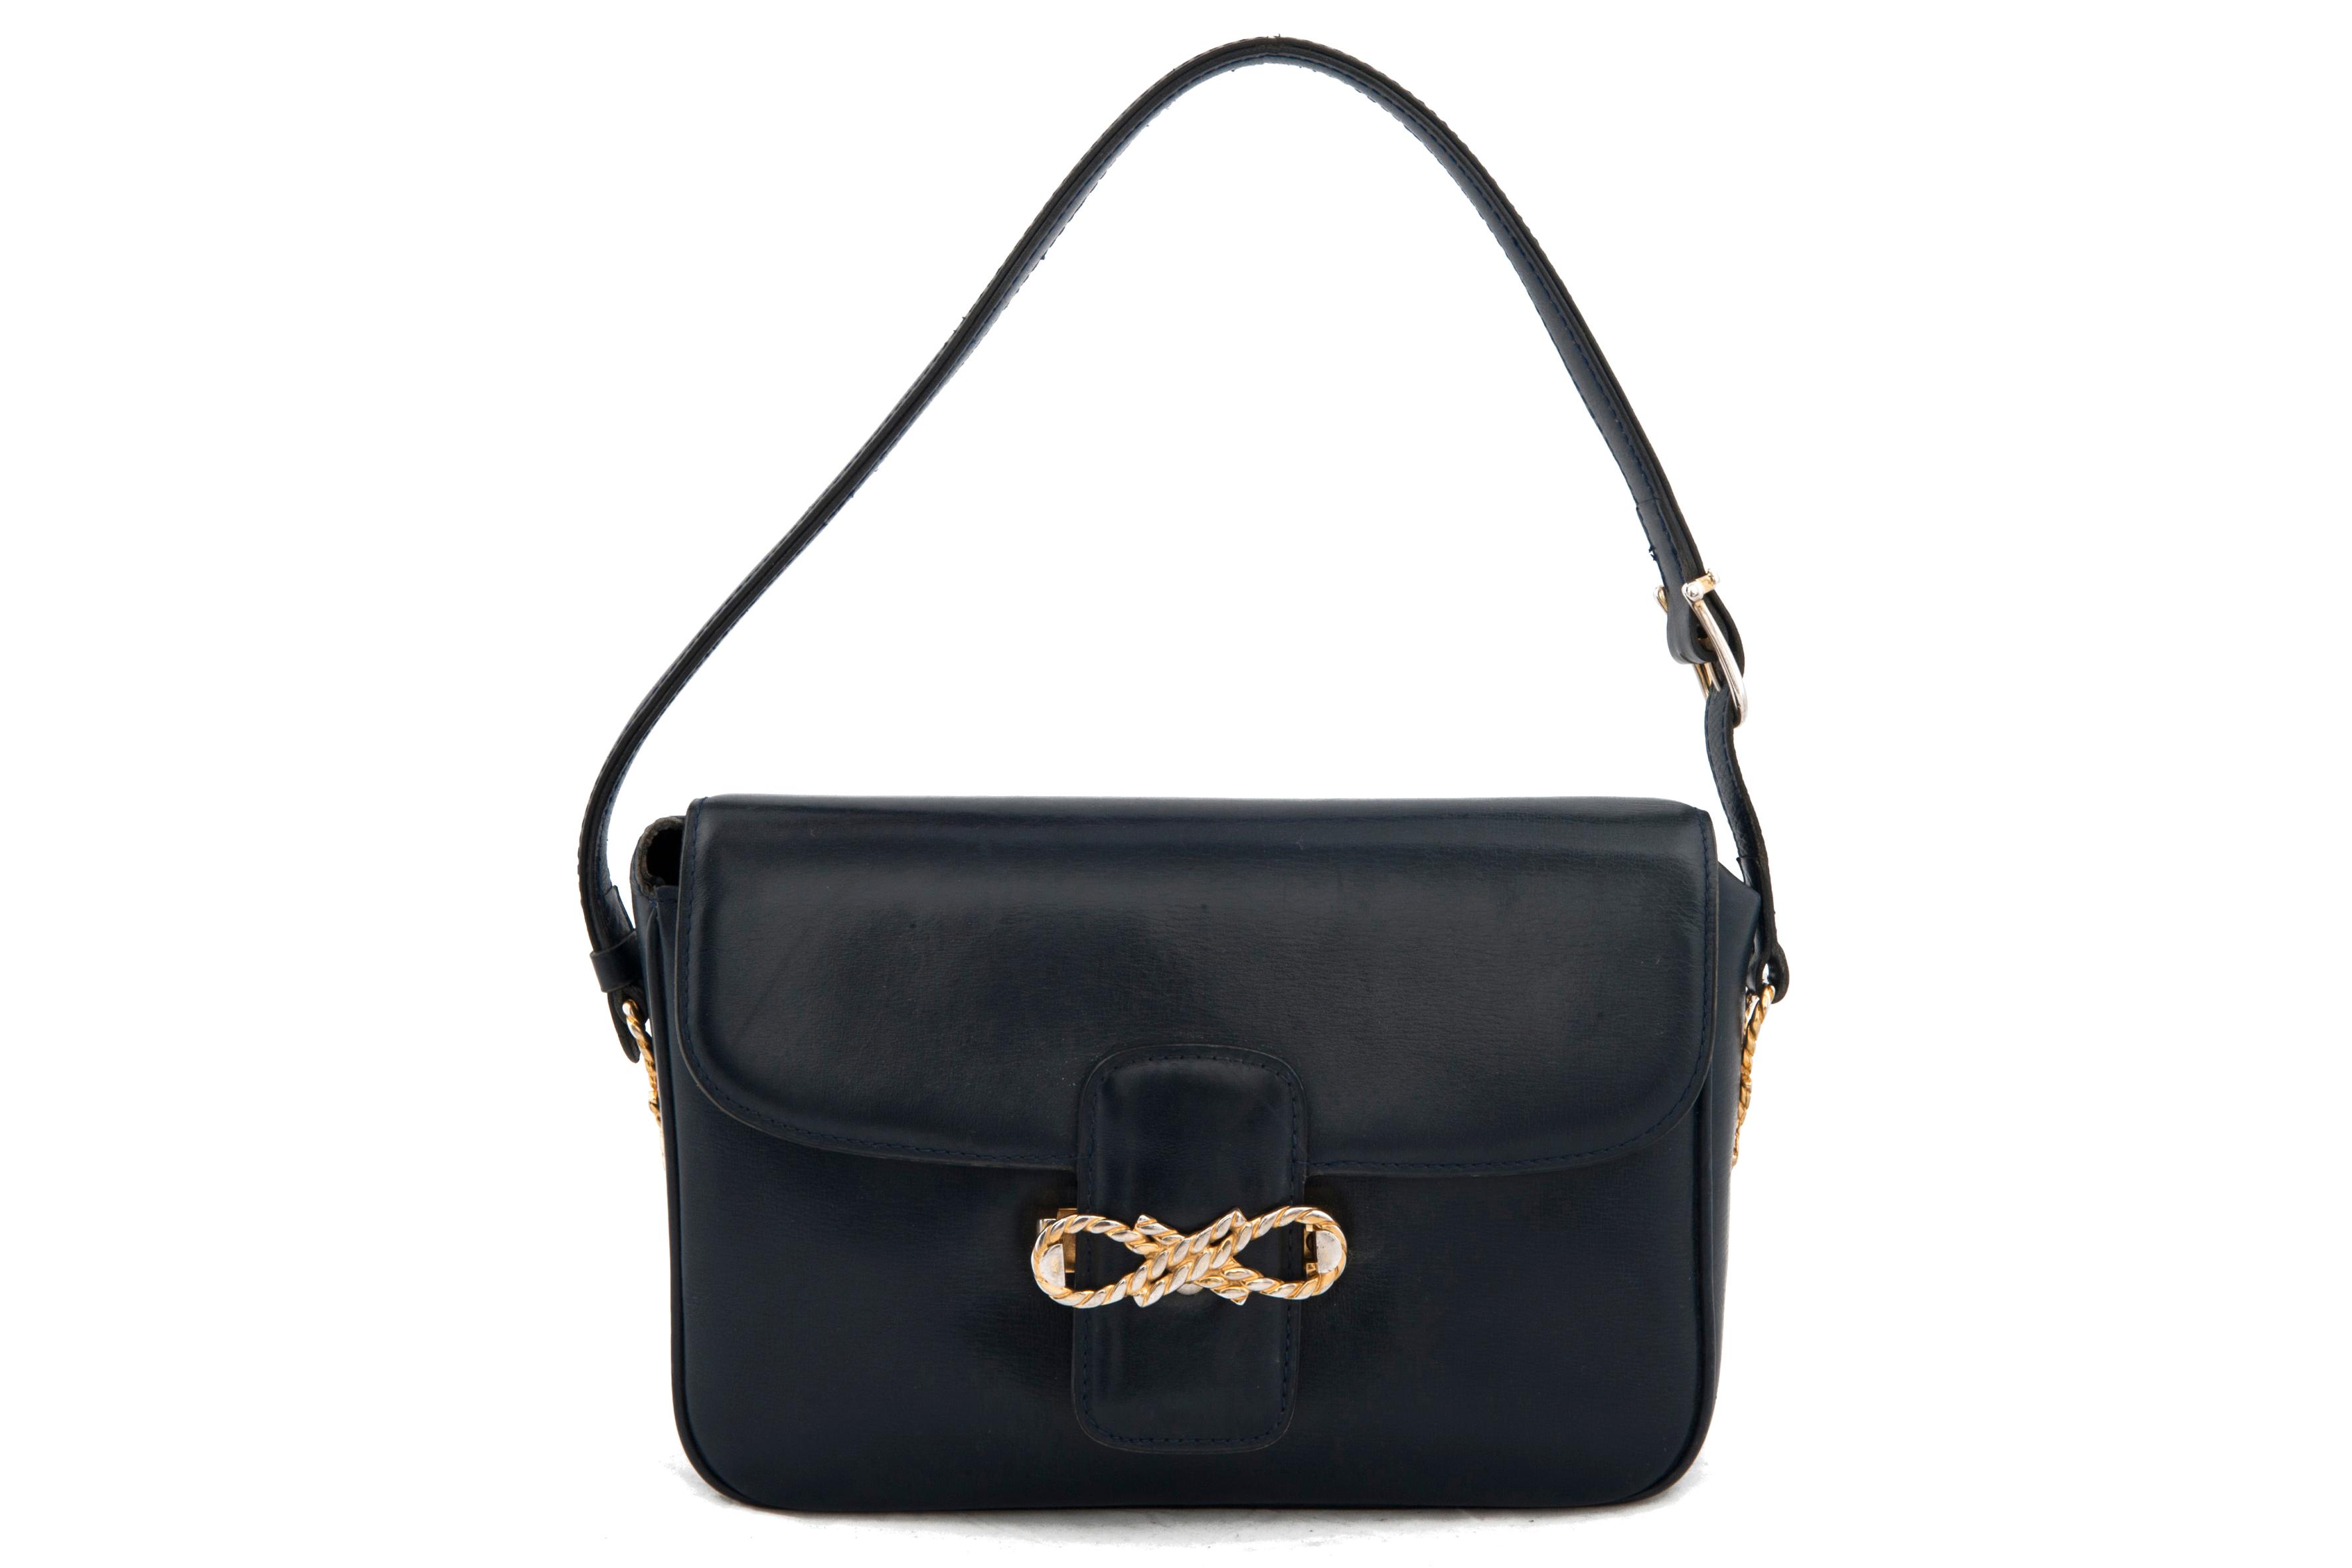 72b03b20fe84 Celine vintage blue leather handbag - Vintage Shop in Mykonos